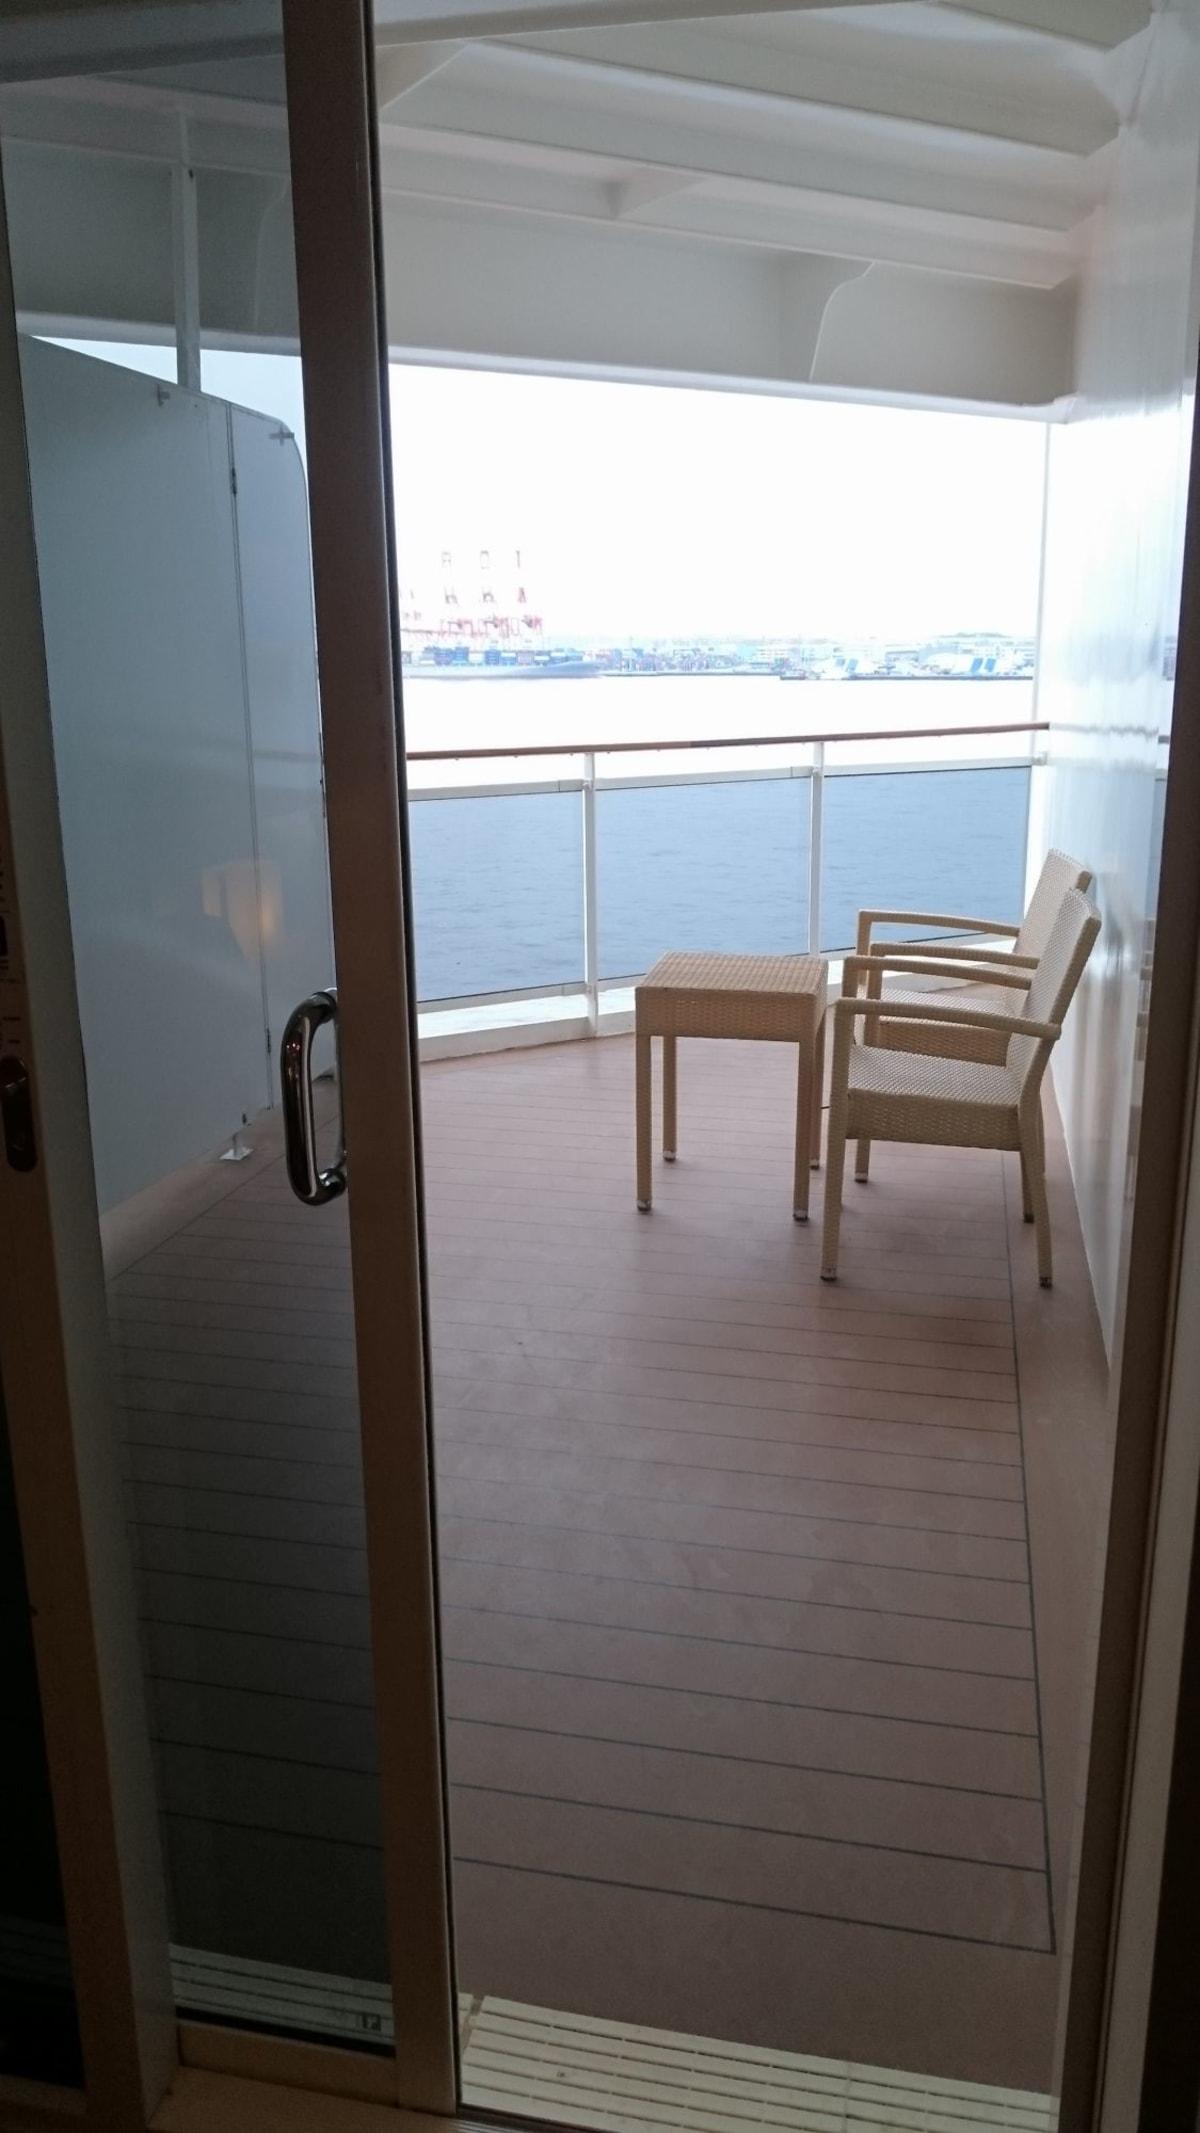 バルコニーからの視界が一部不良とのインフォメーションを事前にもらっていましたが、なるほど、こういうことだったのですね。 他のお部屋に比べて細長く広め。 バルコニーから船首の方は望めますが船尾が見られません。 | 客船MSCスプレンディダの客室